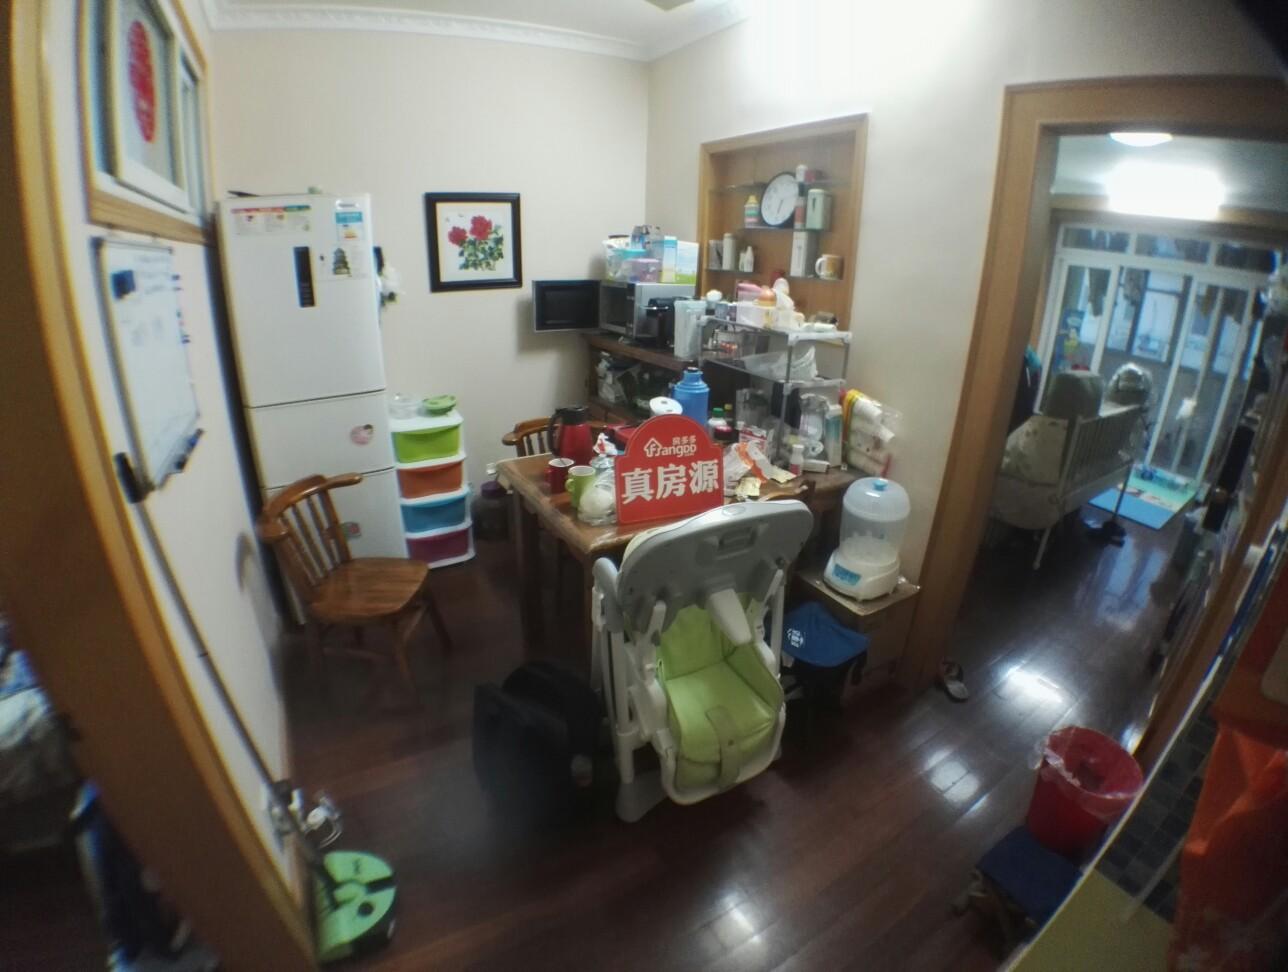 金恒小区2室1厅54.58平